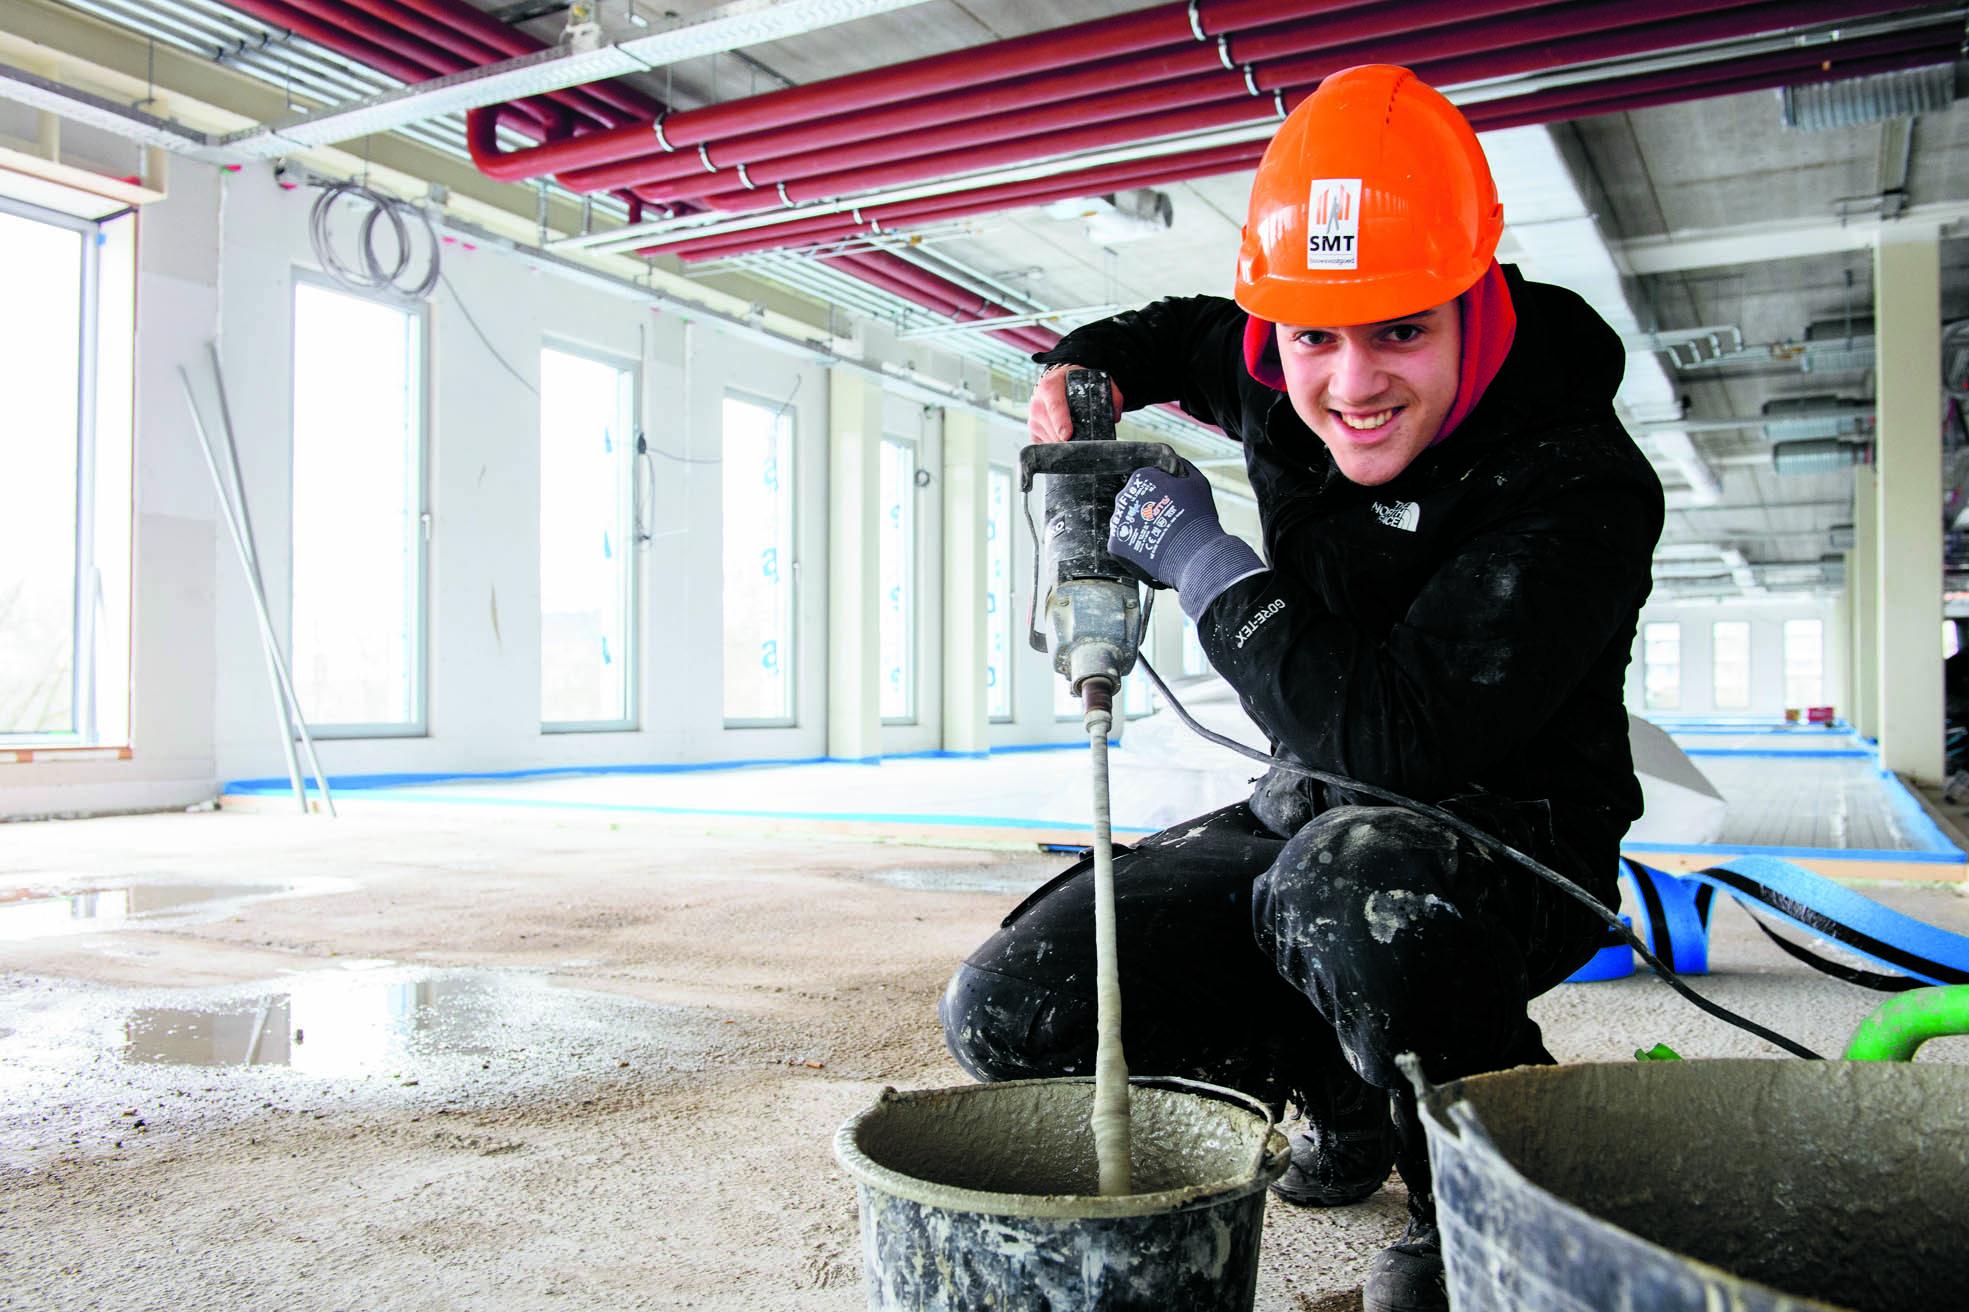 Donny bezig met het maken van cement. (Foto: Mike Bink)